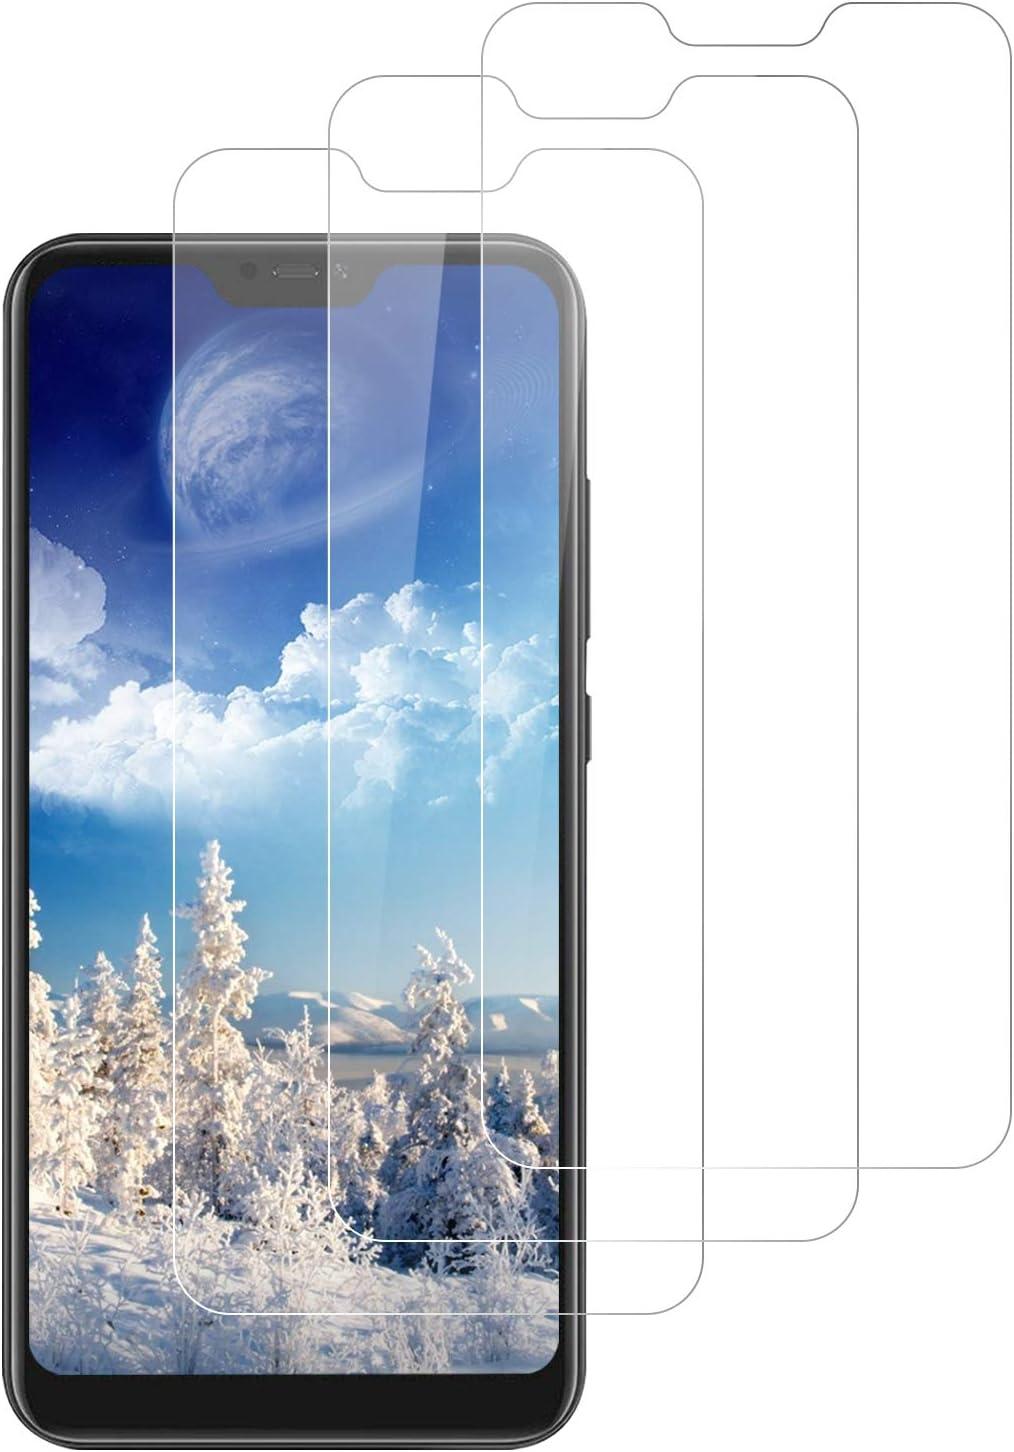 DOSNTO 3-Unidades Protector de Pantalla para Xiaomi Mi A2 Lite, Cristal Vidrio Templado Premium Xiaomi Mi A2 Lite [Alta Definicion][Sin Burbujas] [Dureza 9H] [Anti-Arañazos][Kit Fácil de Instalar]